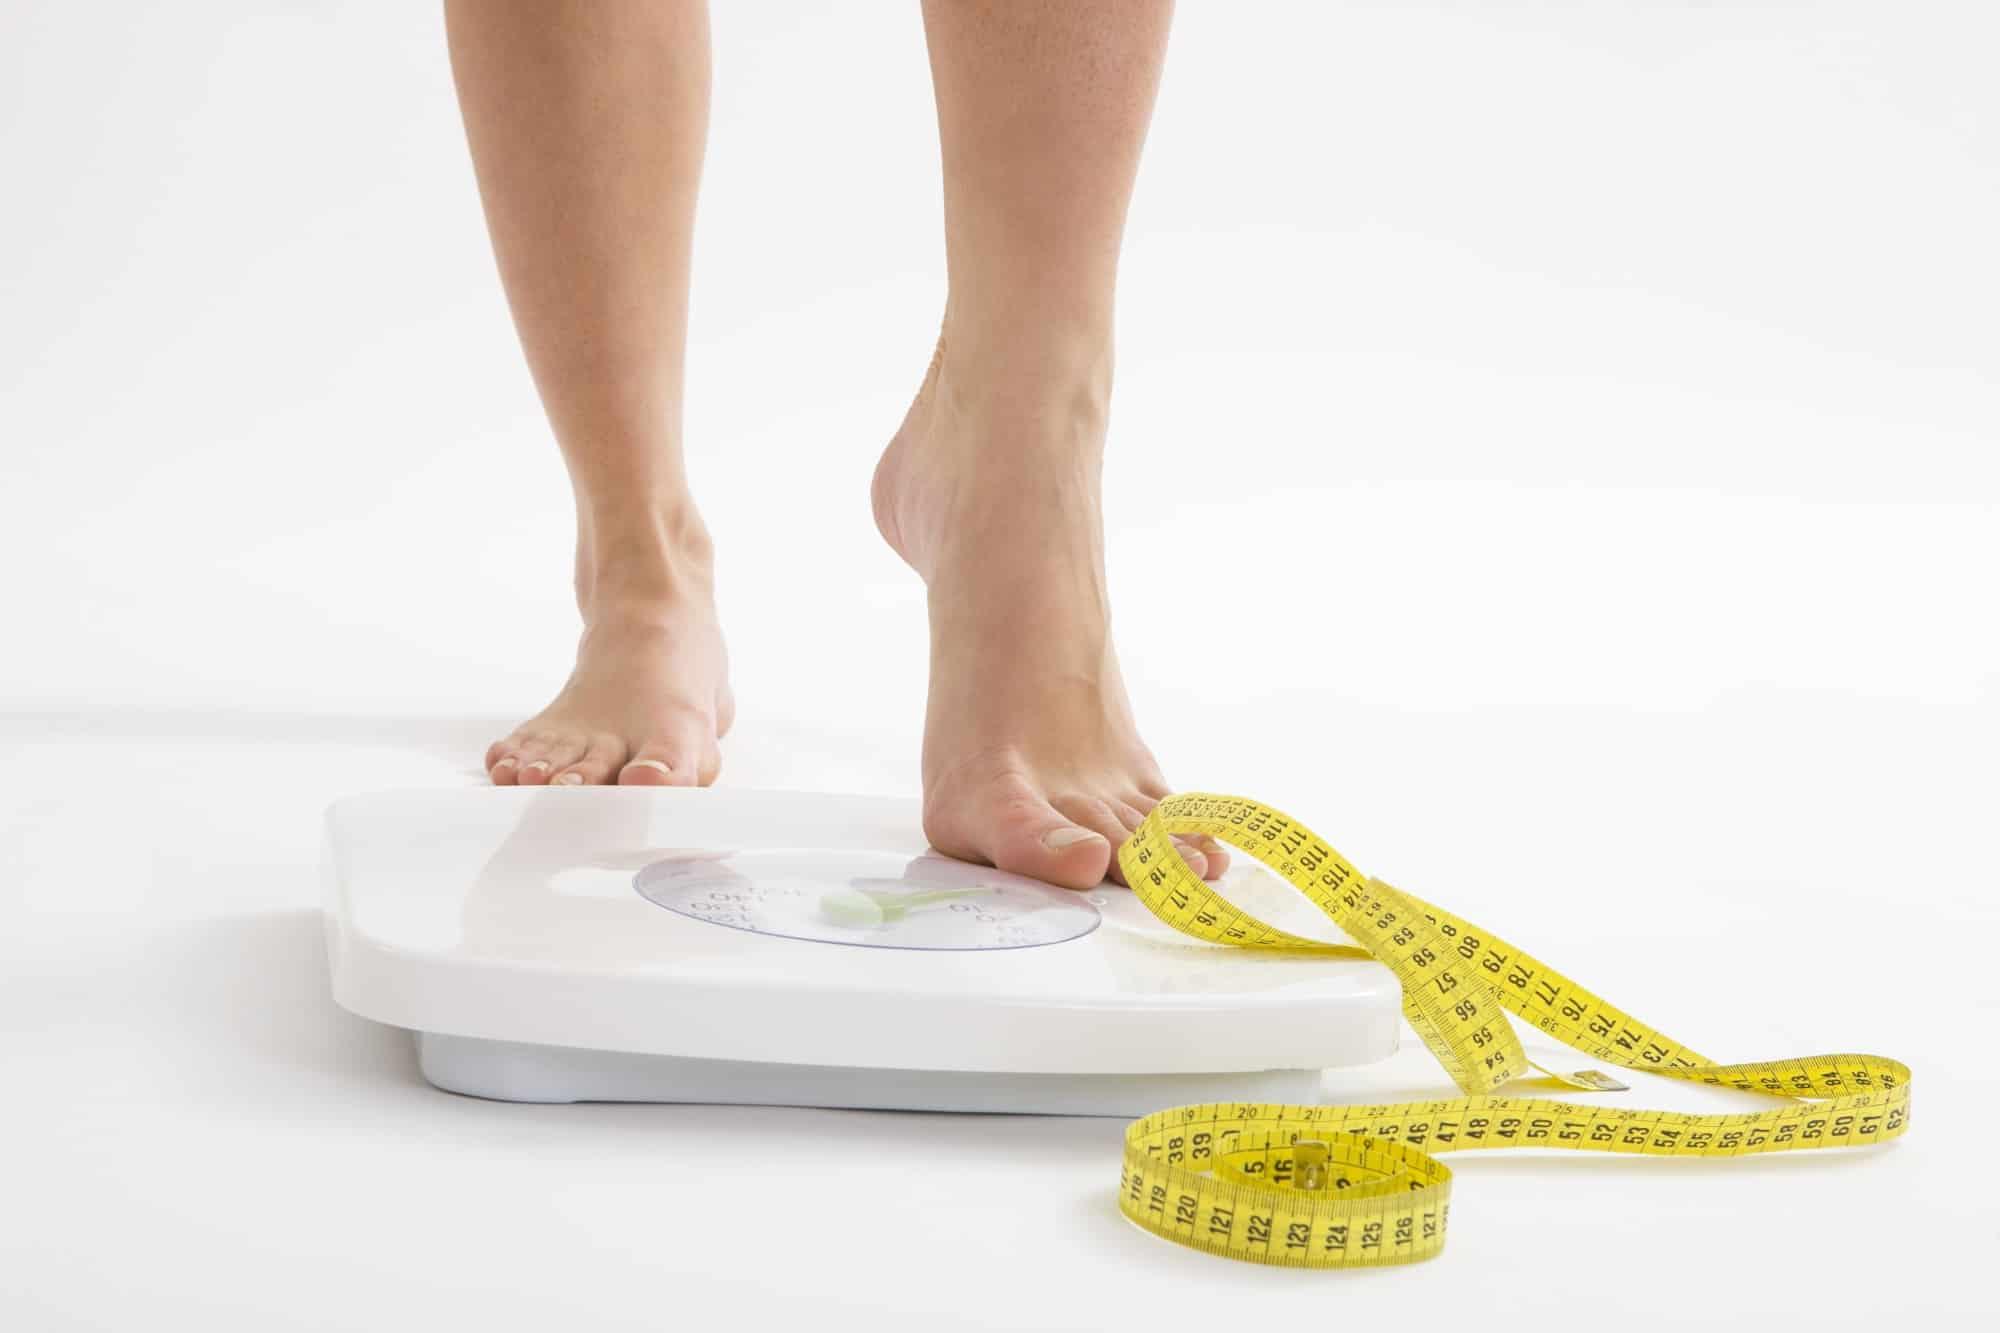 3 نصائح عملية لاستعادة وزنك المثالي سريعًا